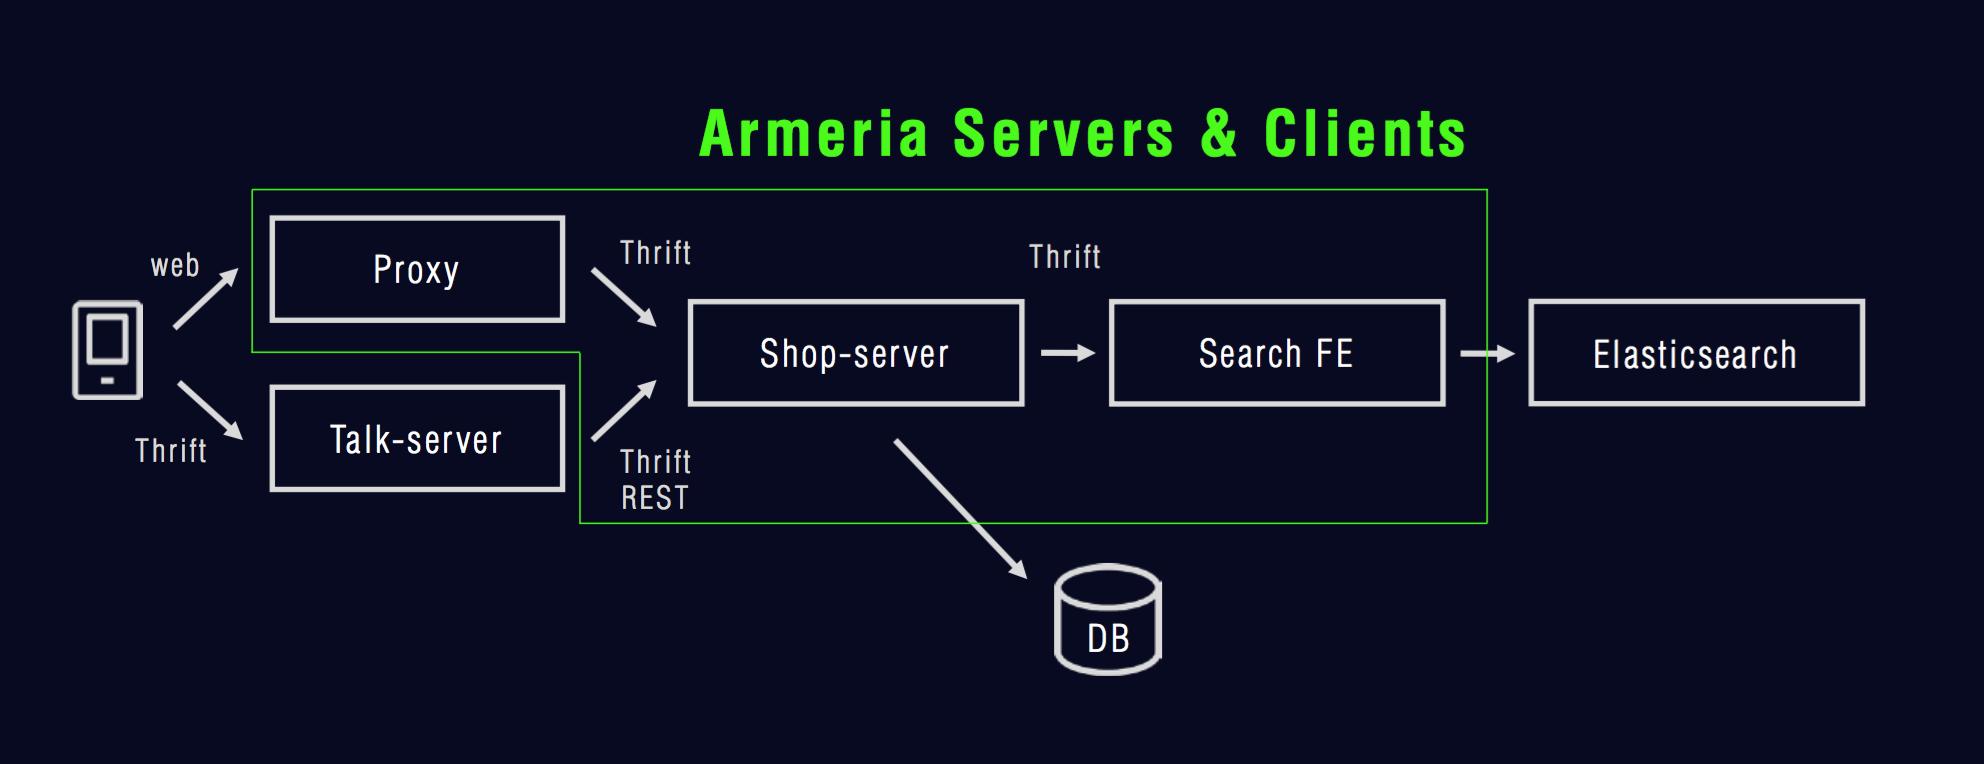 armeria_image